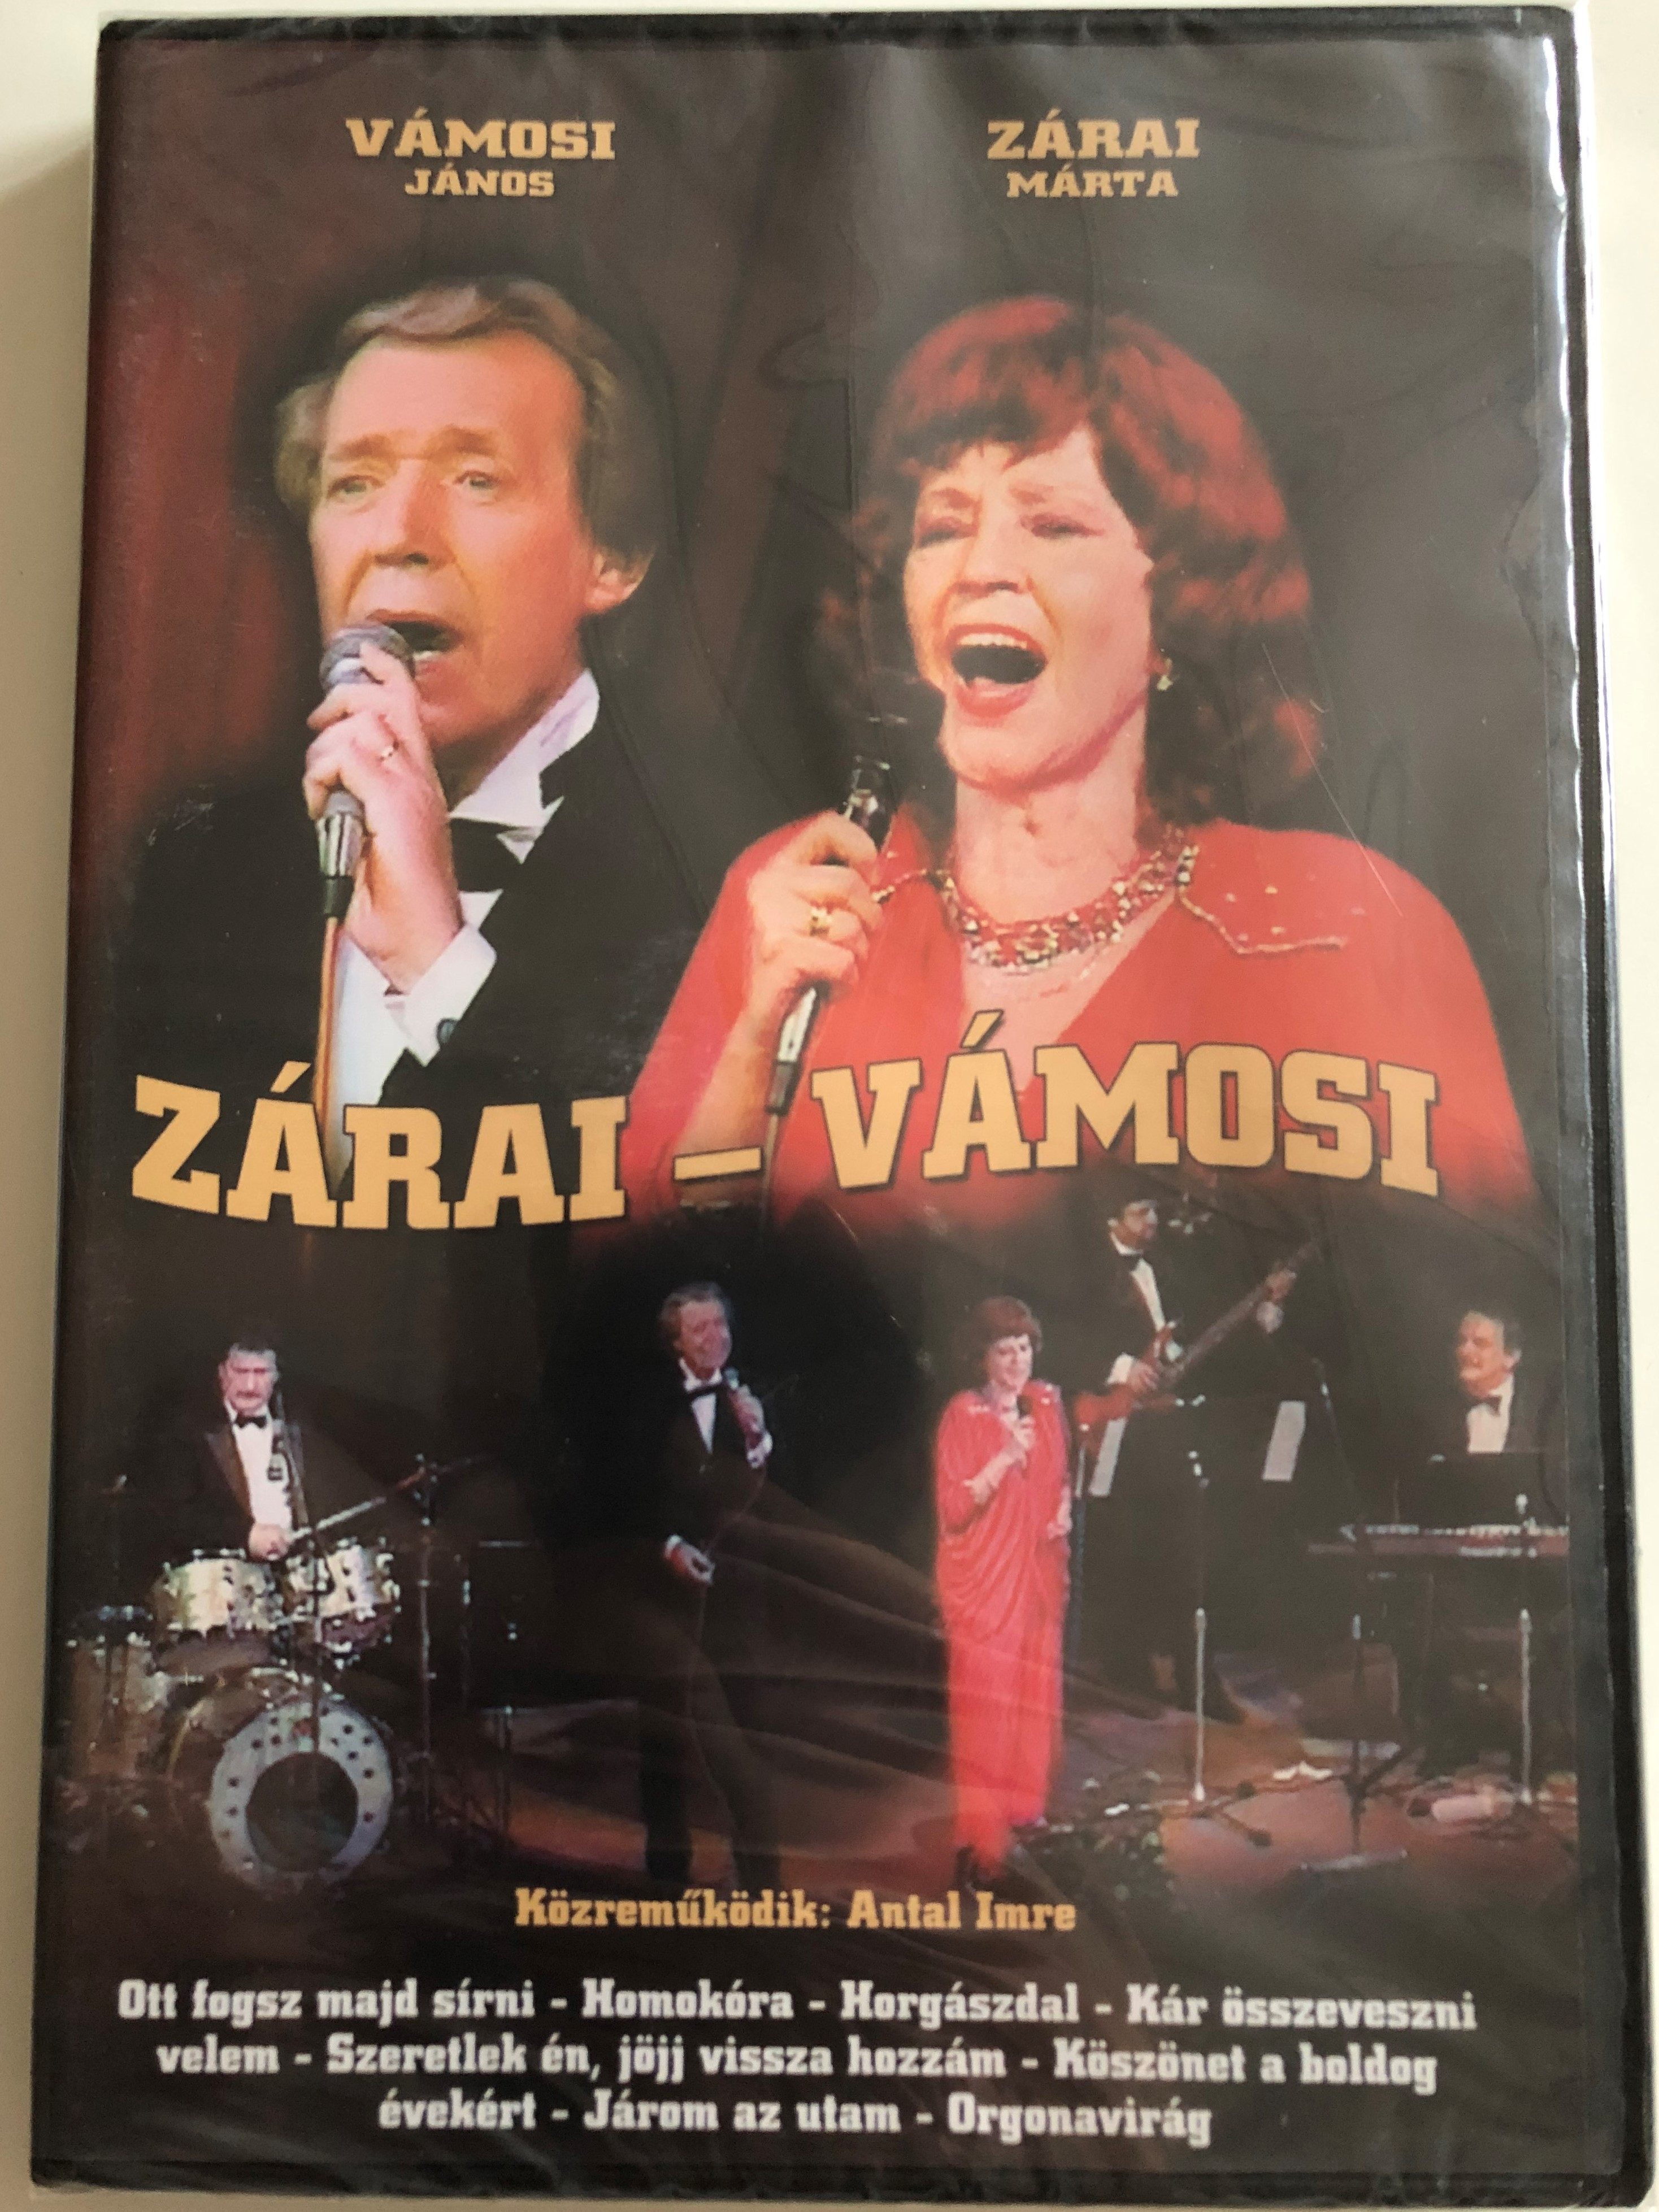 z-ray-m-rta-v-mosi-j-nos-dvd-2000-k-zrem-k-dik-antal-imre-1.jpg